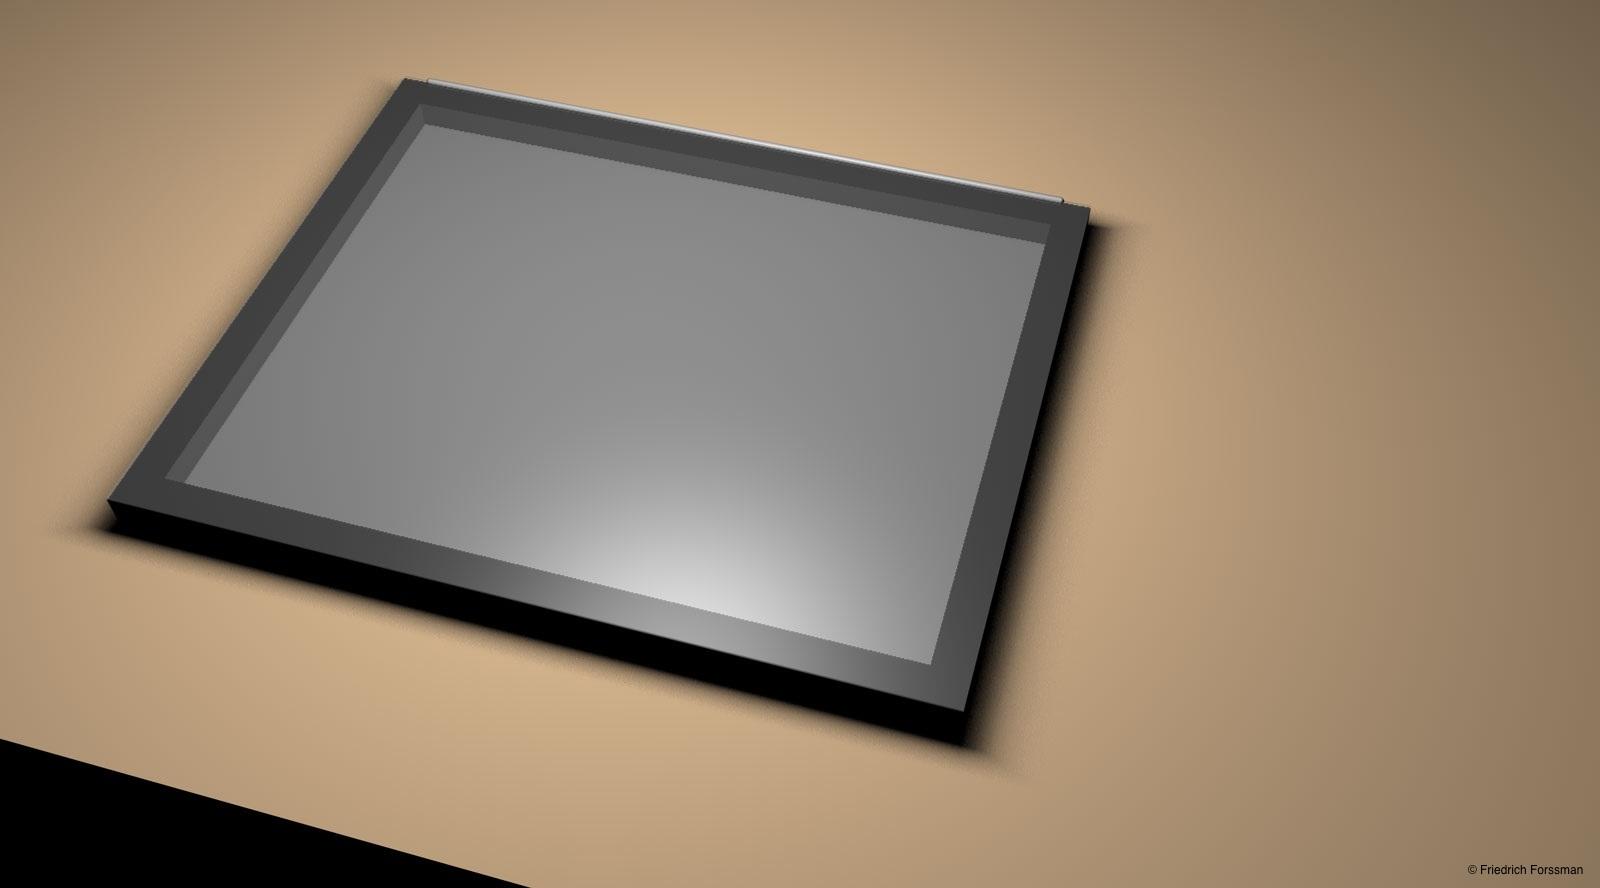 Das BragBook™. Zeitloses Design in hochwertigem Kunststoff.